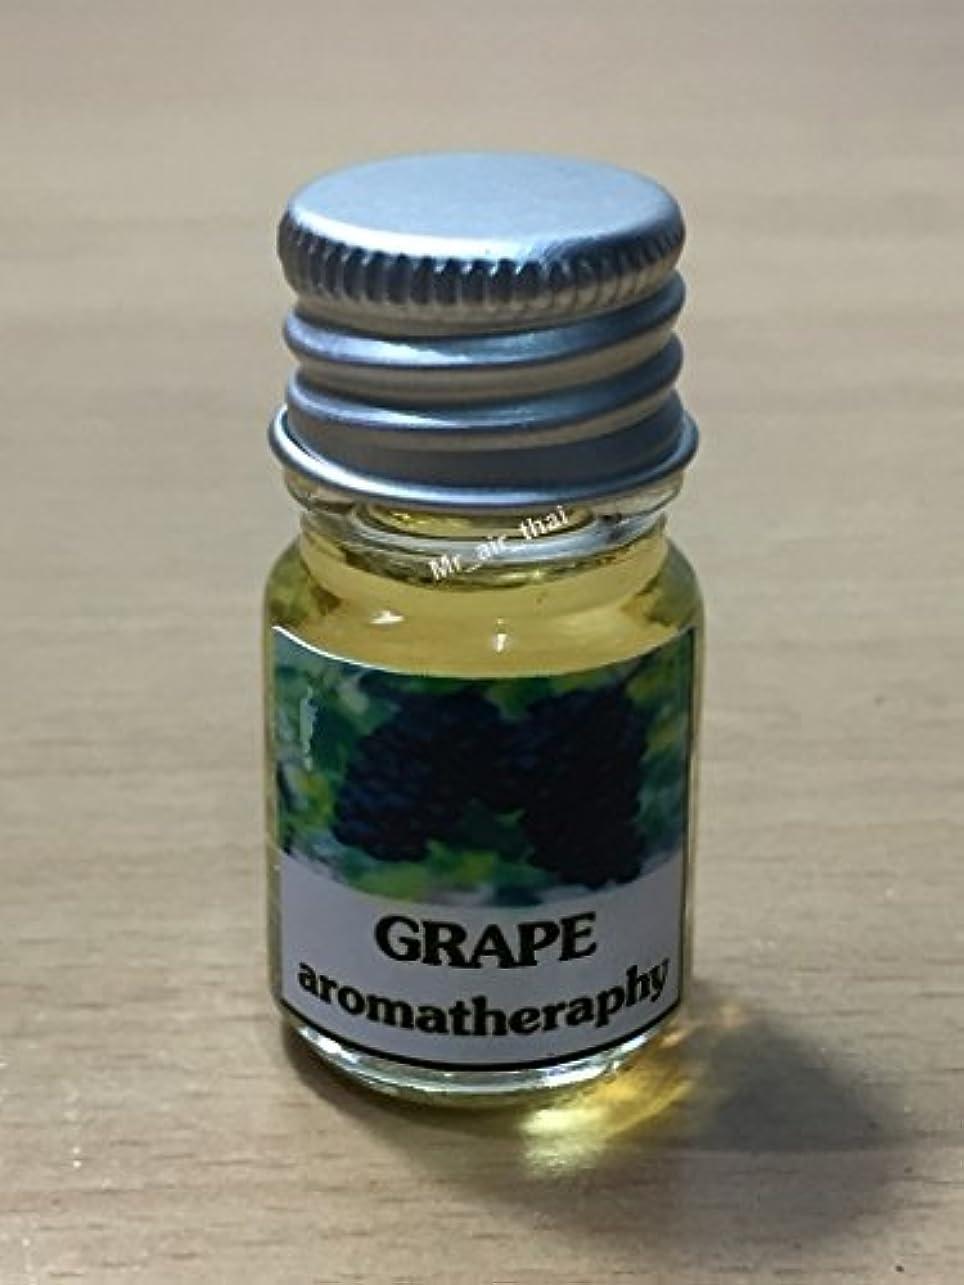 深さ紛争配る5ミリリットルアロマグレープフランクインセンスエッセンシャルオイルボトルアロマテラピーオイル自然自然5ml Aroma Grape Frankincense Essential Oil Bottles Aromatherapy...